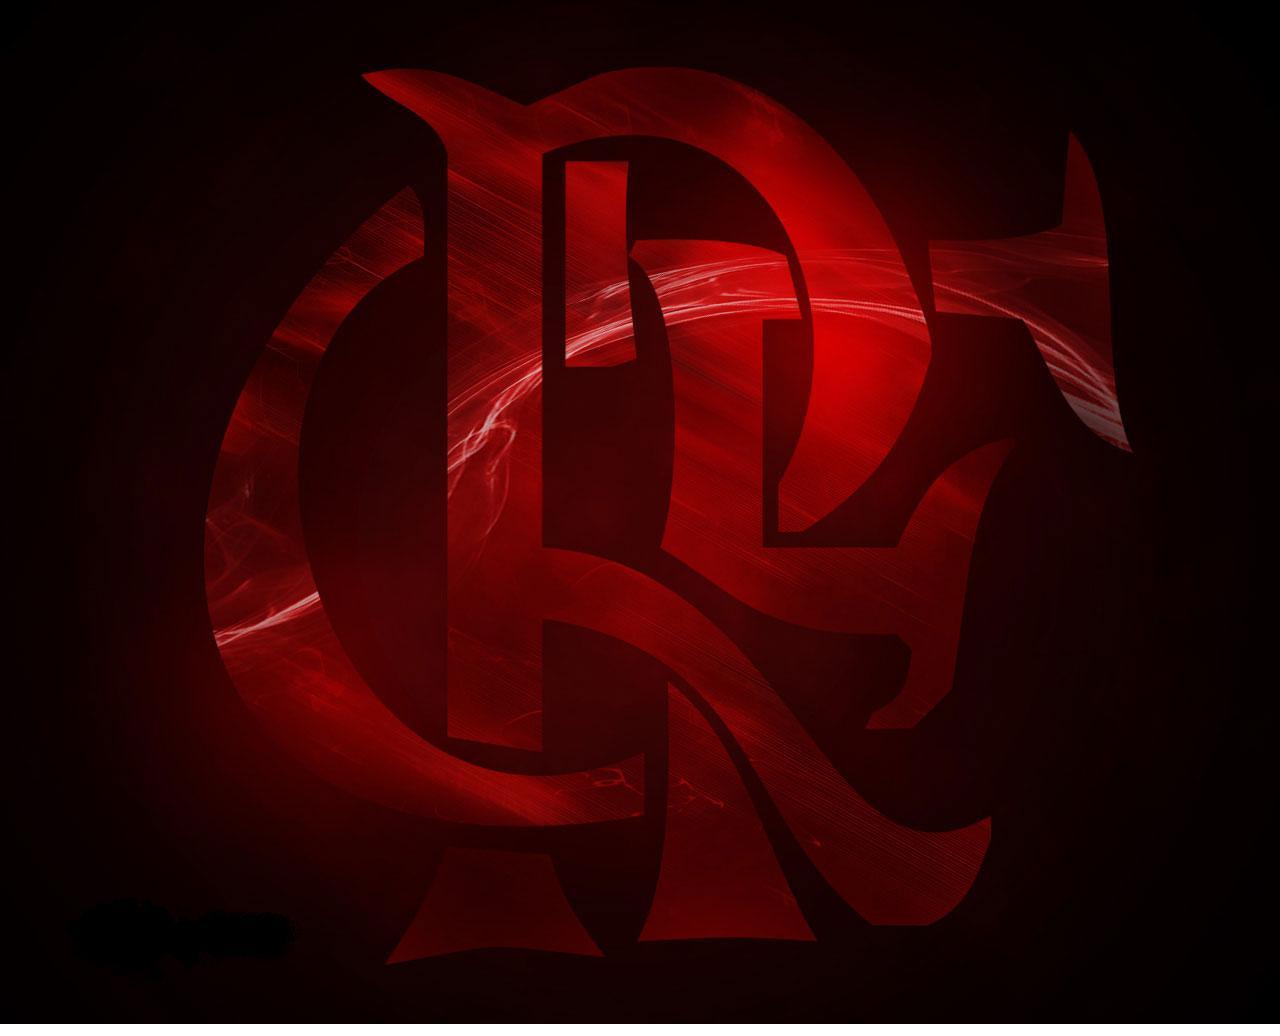 buteco do flamengo o sonho existe ta logo ali